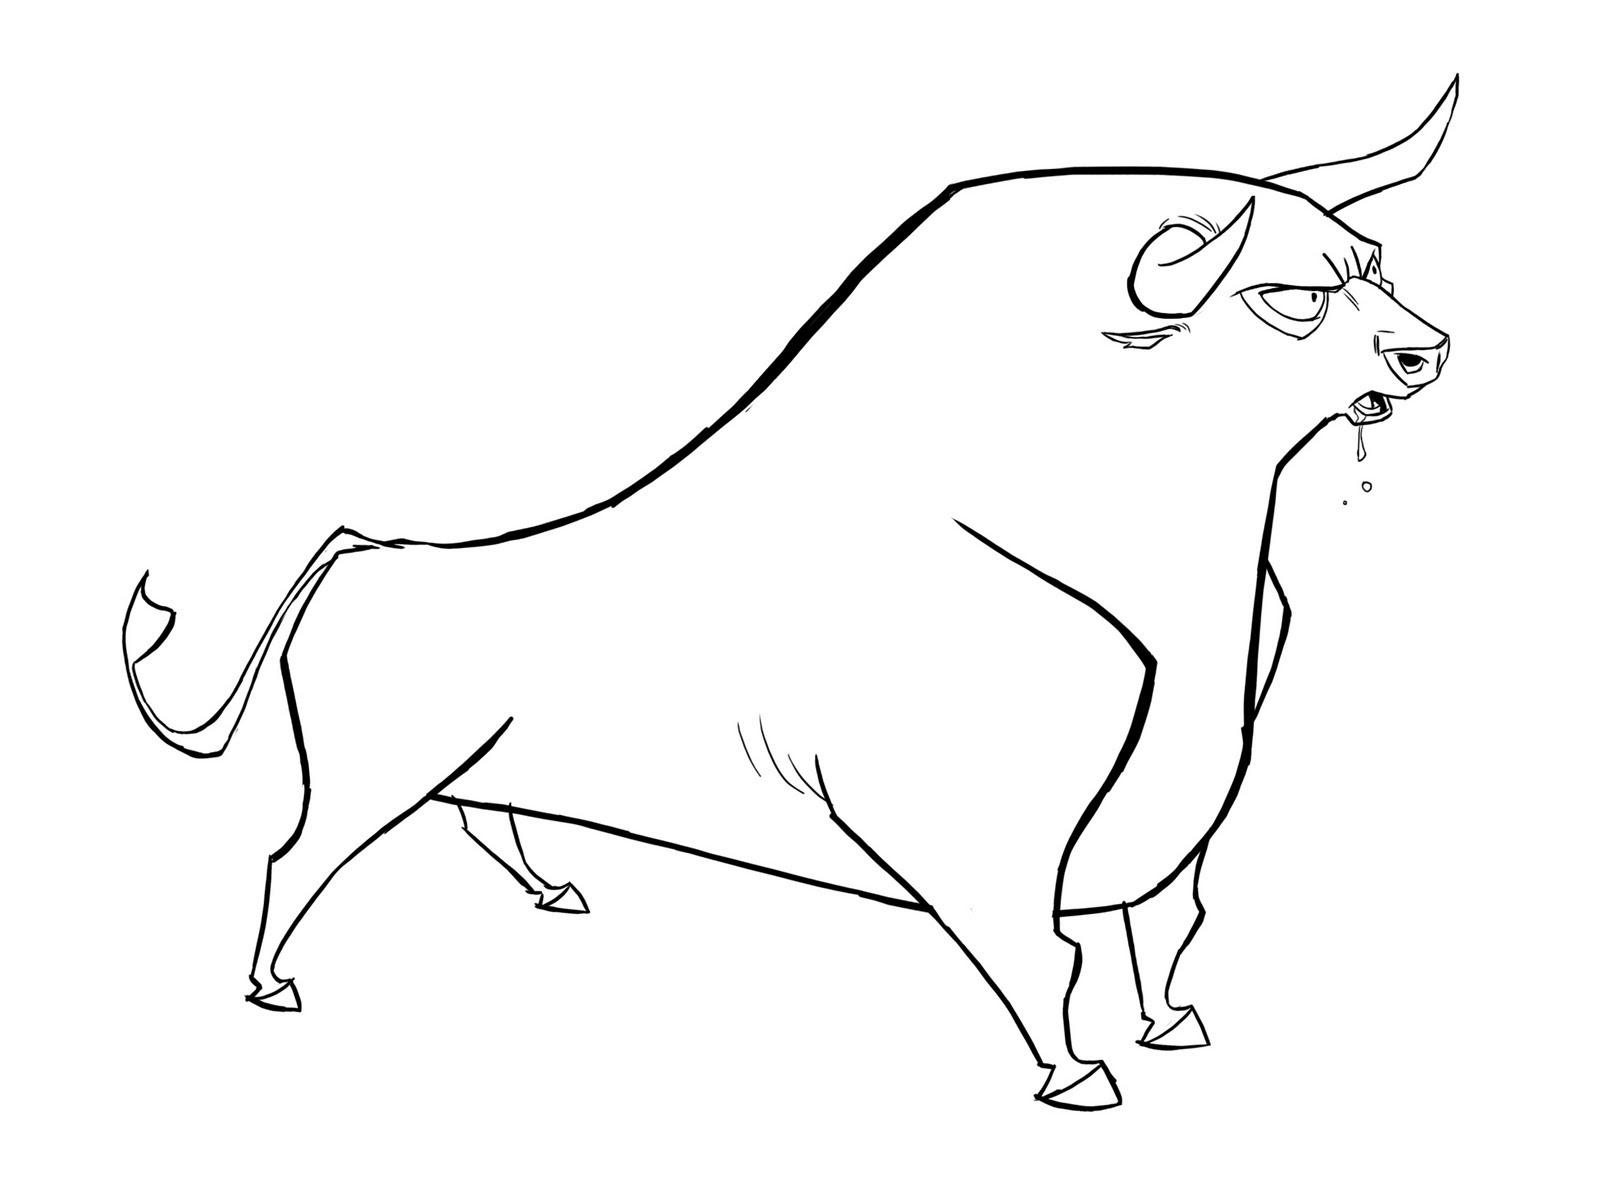 Dessin Image de taureau a imprimer et colorier